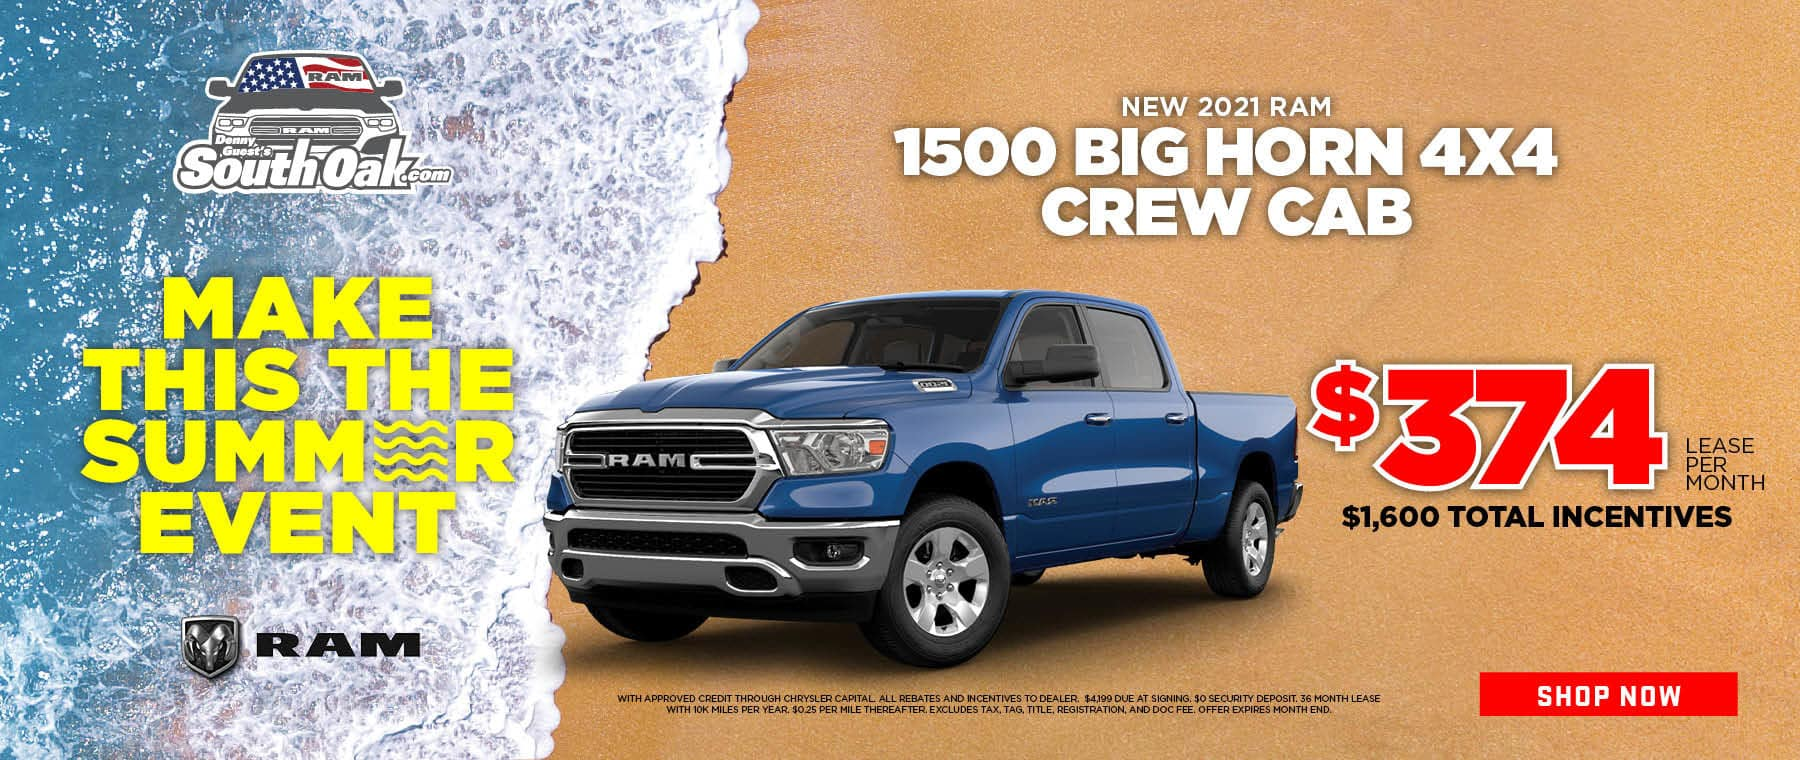 2021 1500 Big Horn Deal